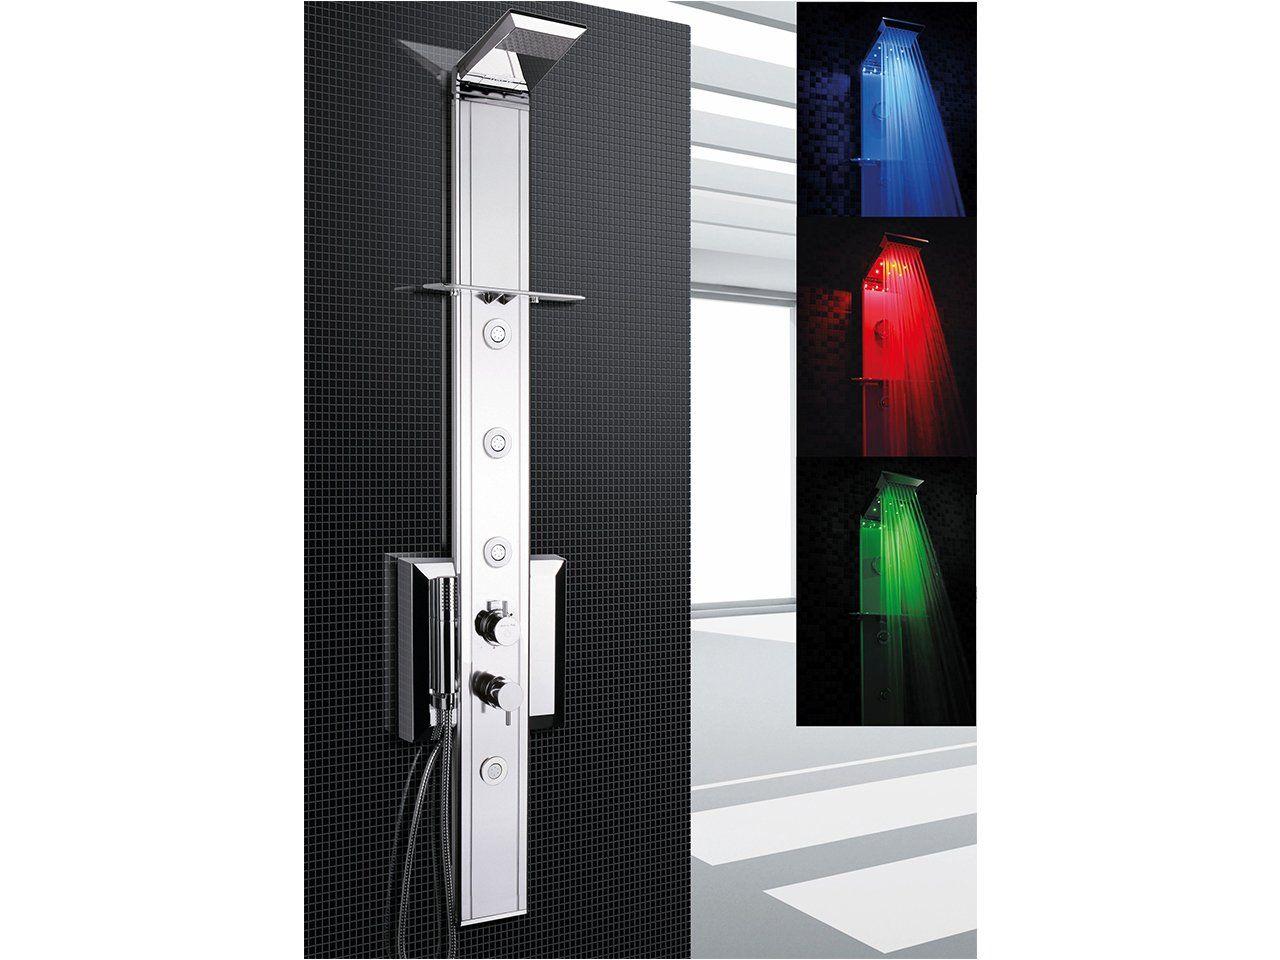 Pannello doccia prisma 140 a led cromo termostatico for Doccia iperceramica